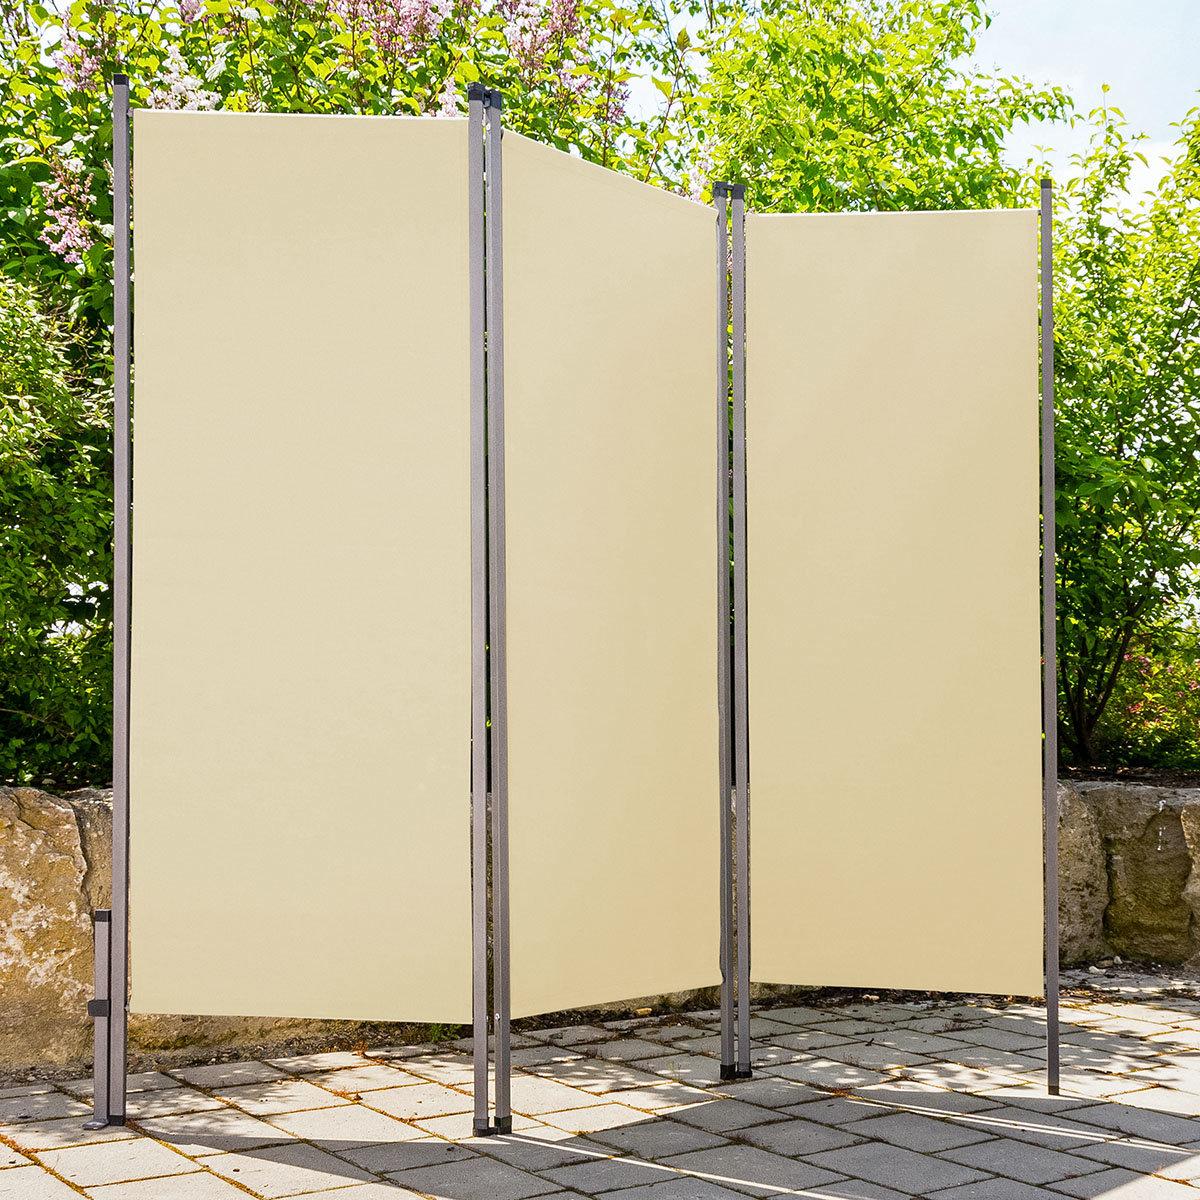 Full Size of Paravent Outdoor Holz Ikea Garten Amazon Bambus Metall Online Kaufen Bei Grtner Ptschke Küche Edelstahl Wohnzimmer Paravent Outdoor